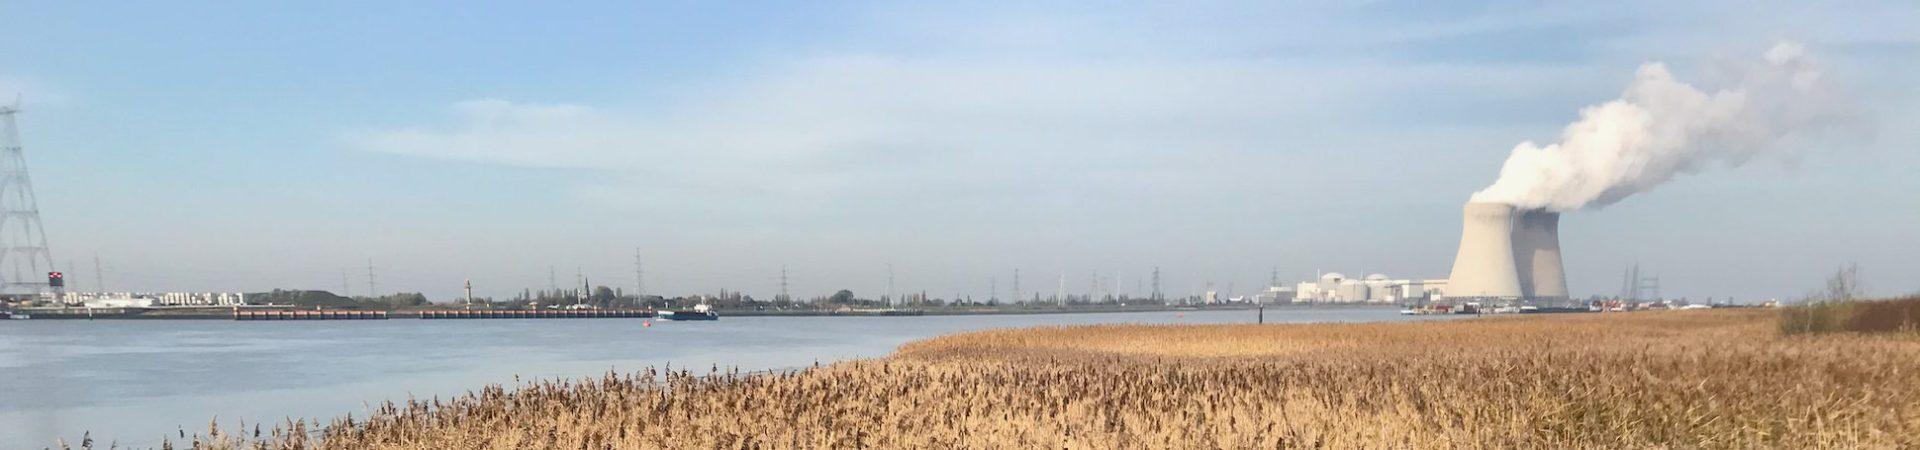 Fietsroute, fietsblog, review, Antwerpen, haven